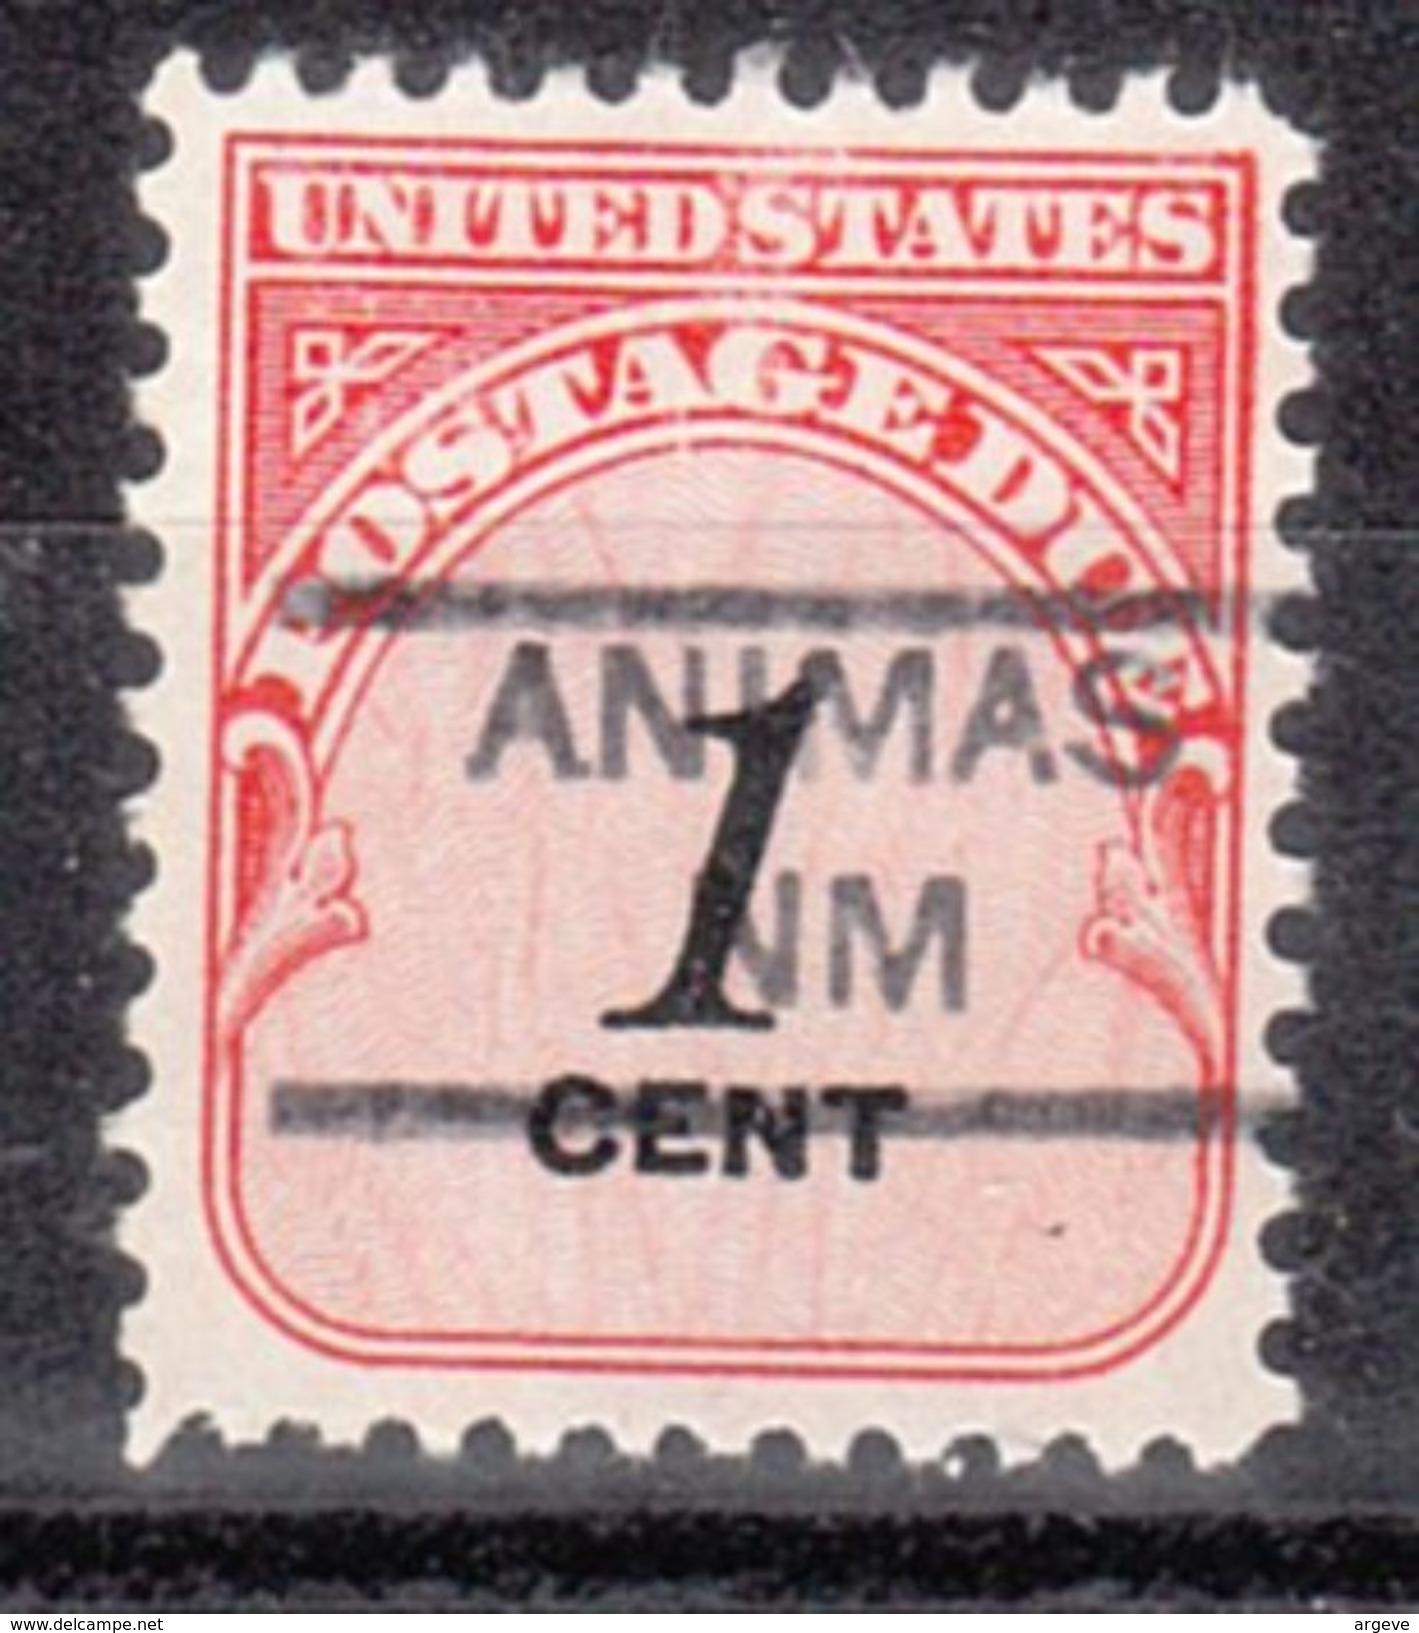 USA Precancel Vorausentwertungen Preo, Locals New Mexico, Animas 852 - Vereinigte Staaten